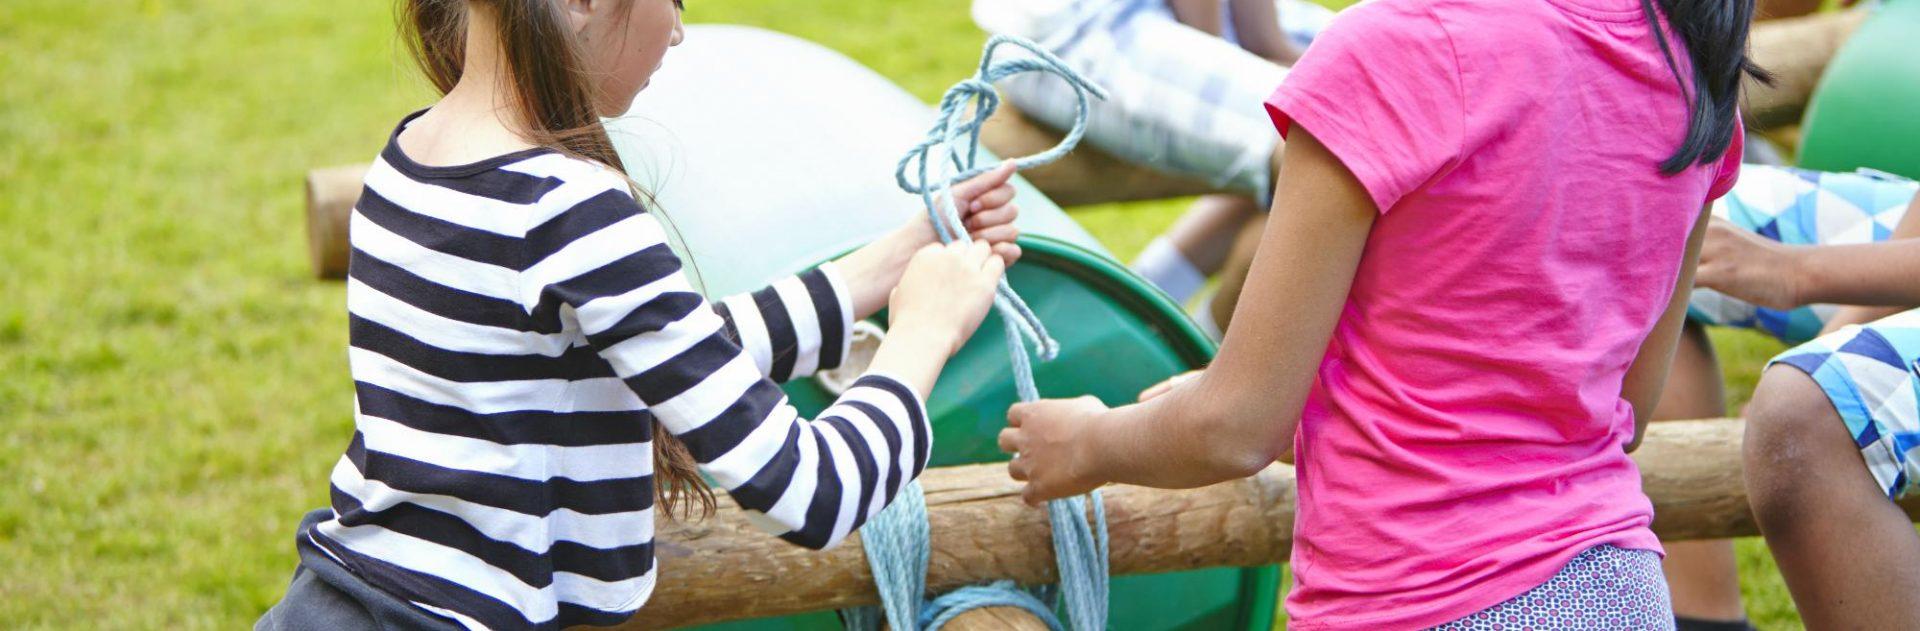 Children buggy building